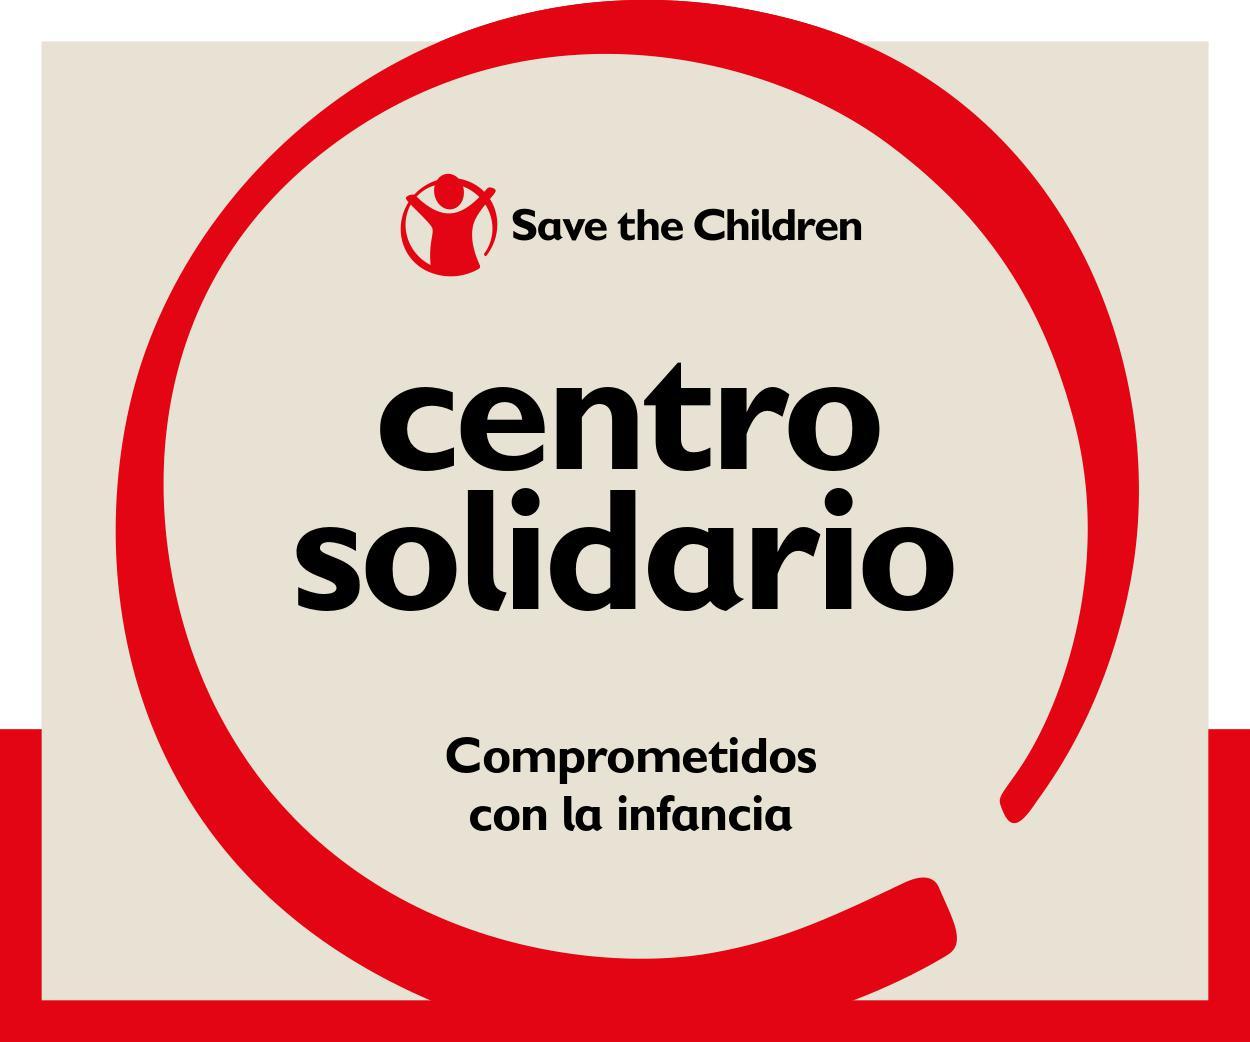 KILÓMETROS DE SOLIDARIDAD